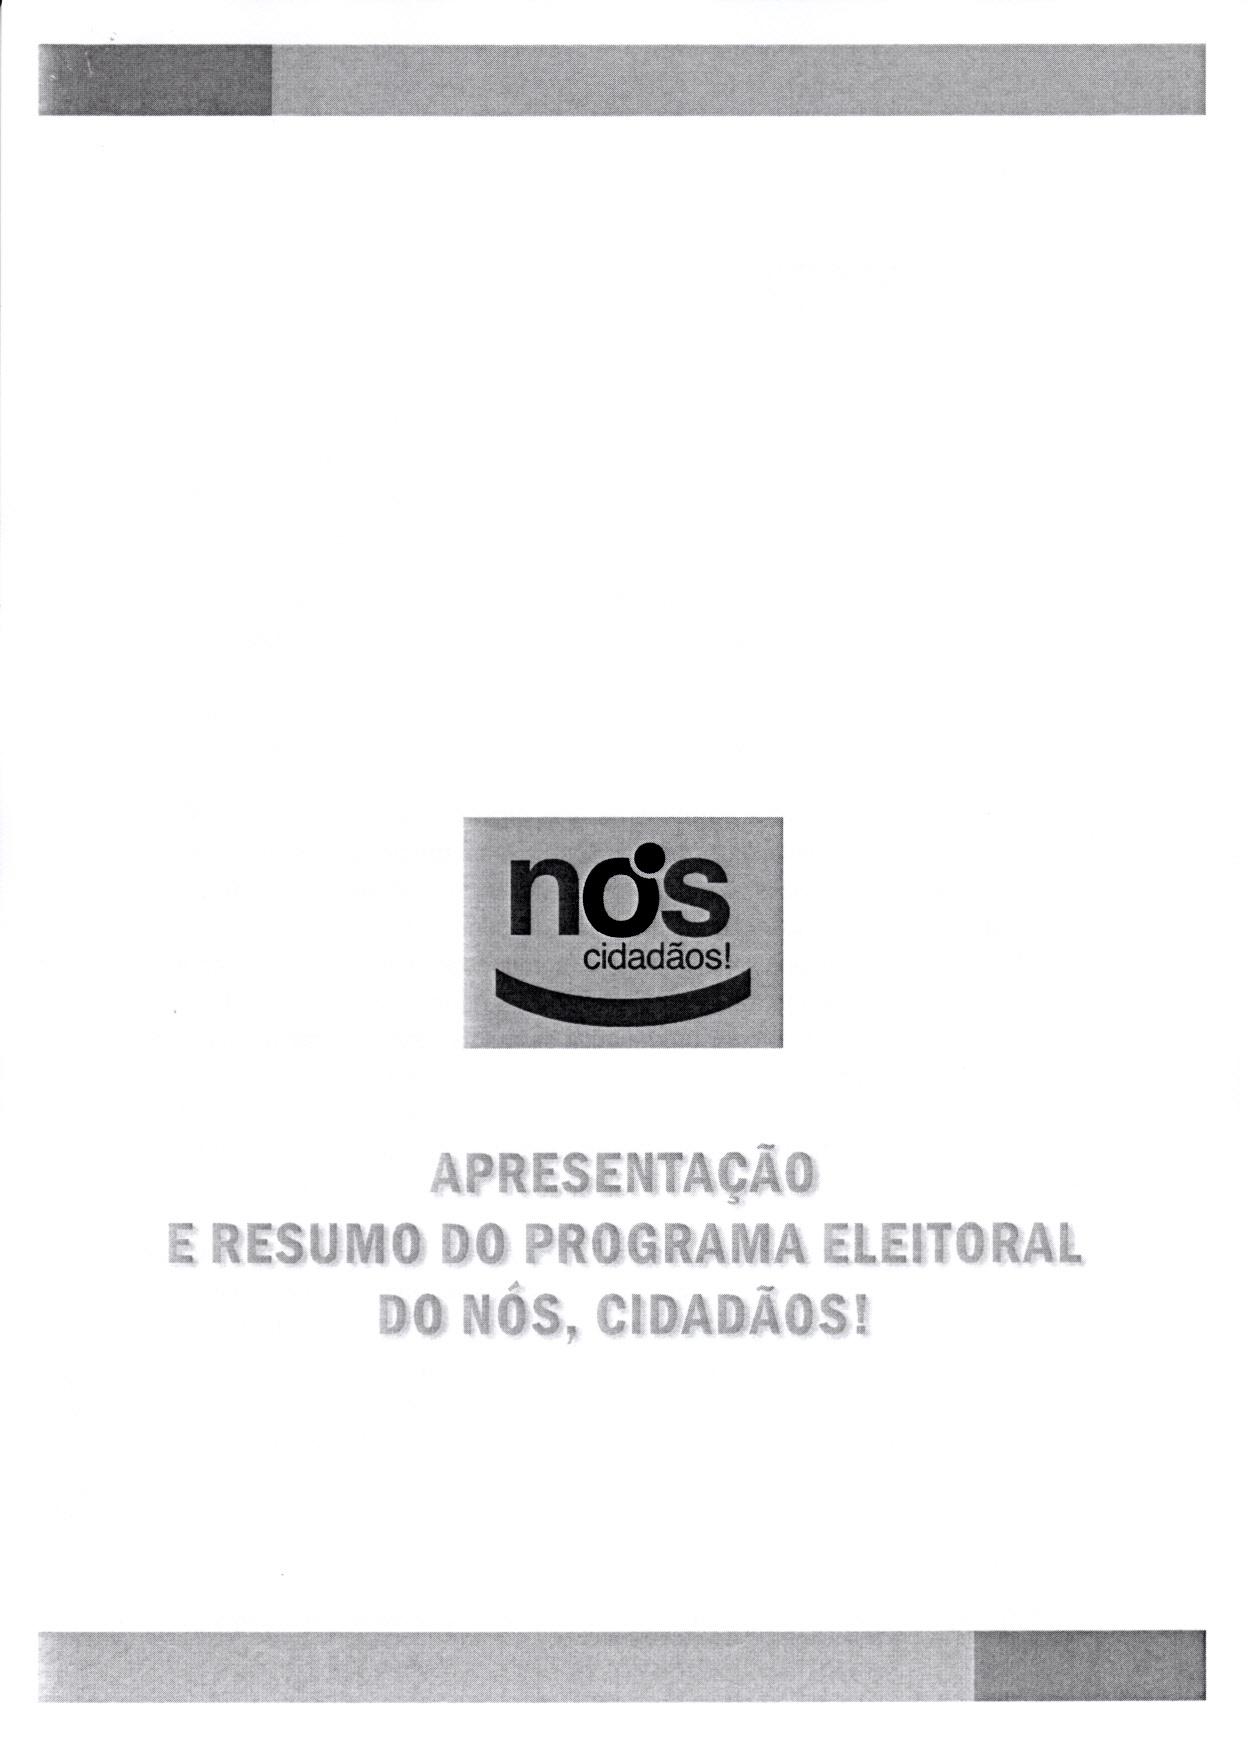 NOS_apresentacao